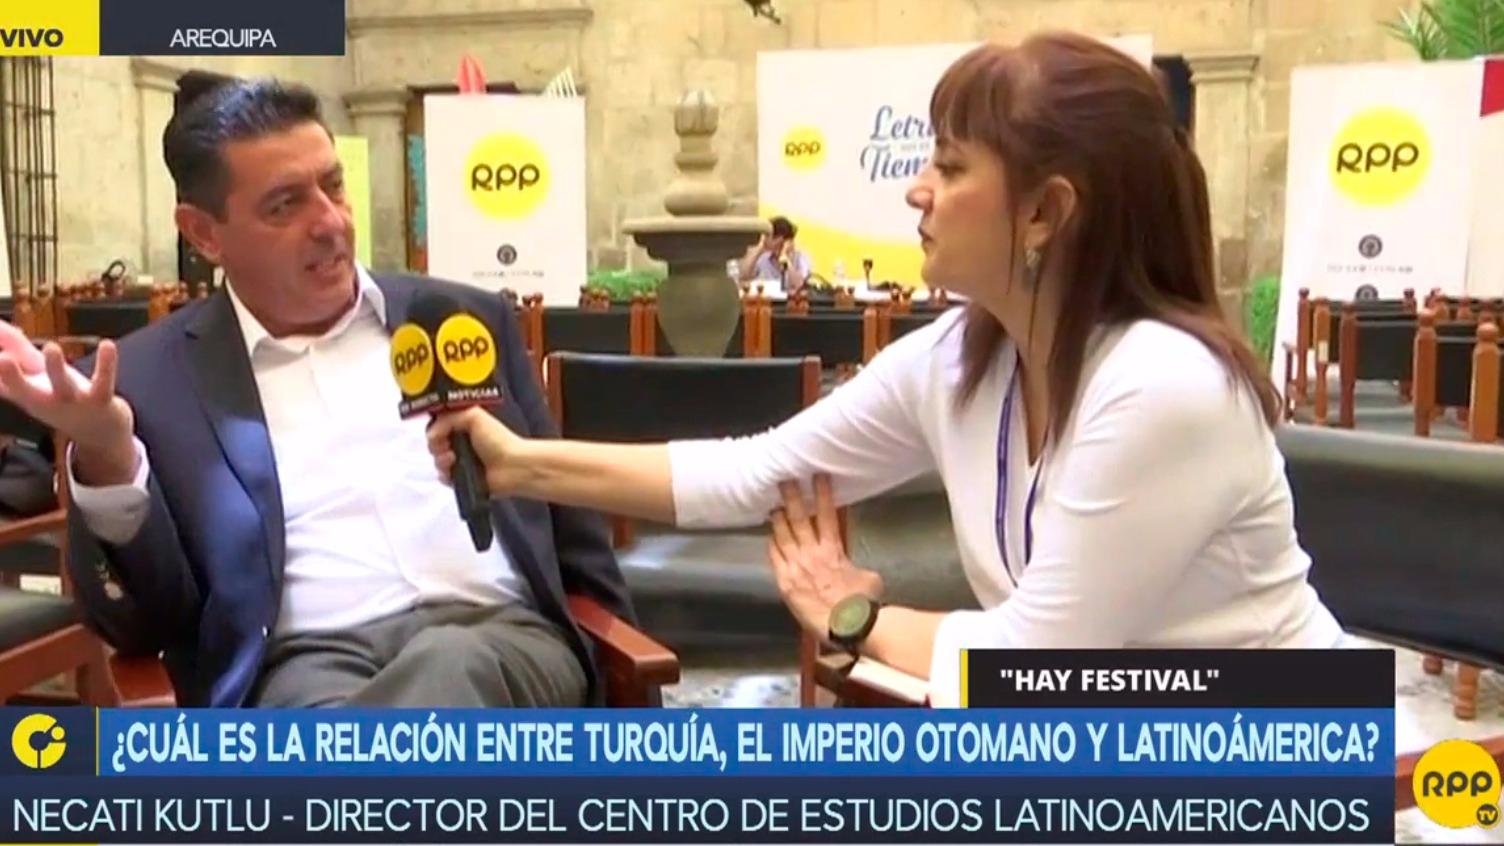 Patricia del Río conversó con Necati Kutlu, director del Centro de Estudios Latinoamericanos.